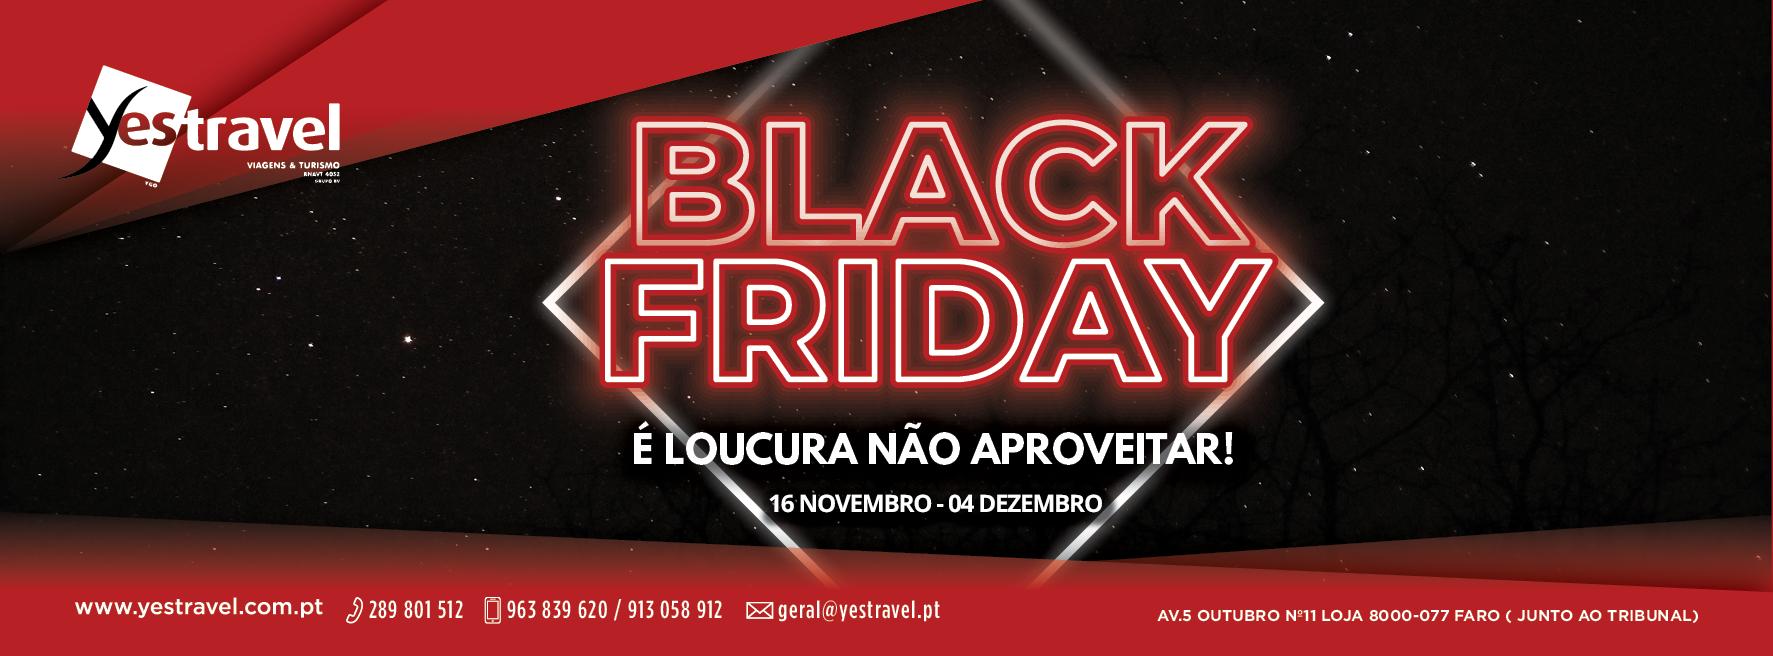 blackfriday_capa